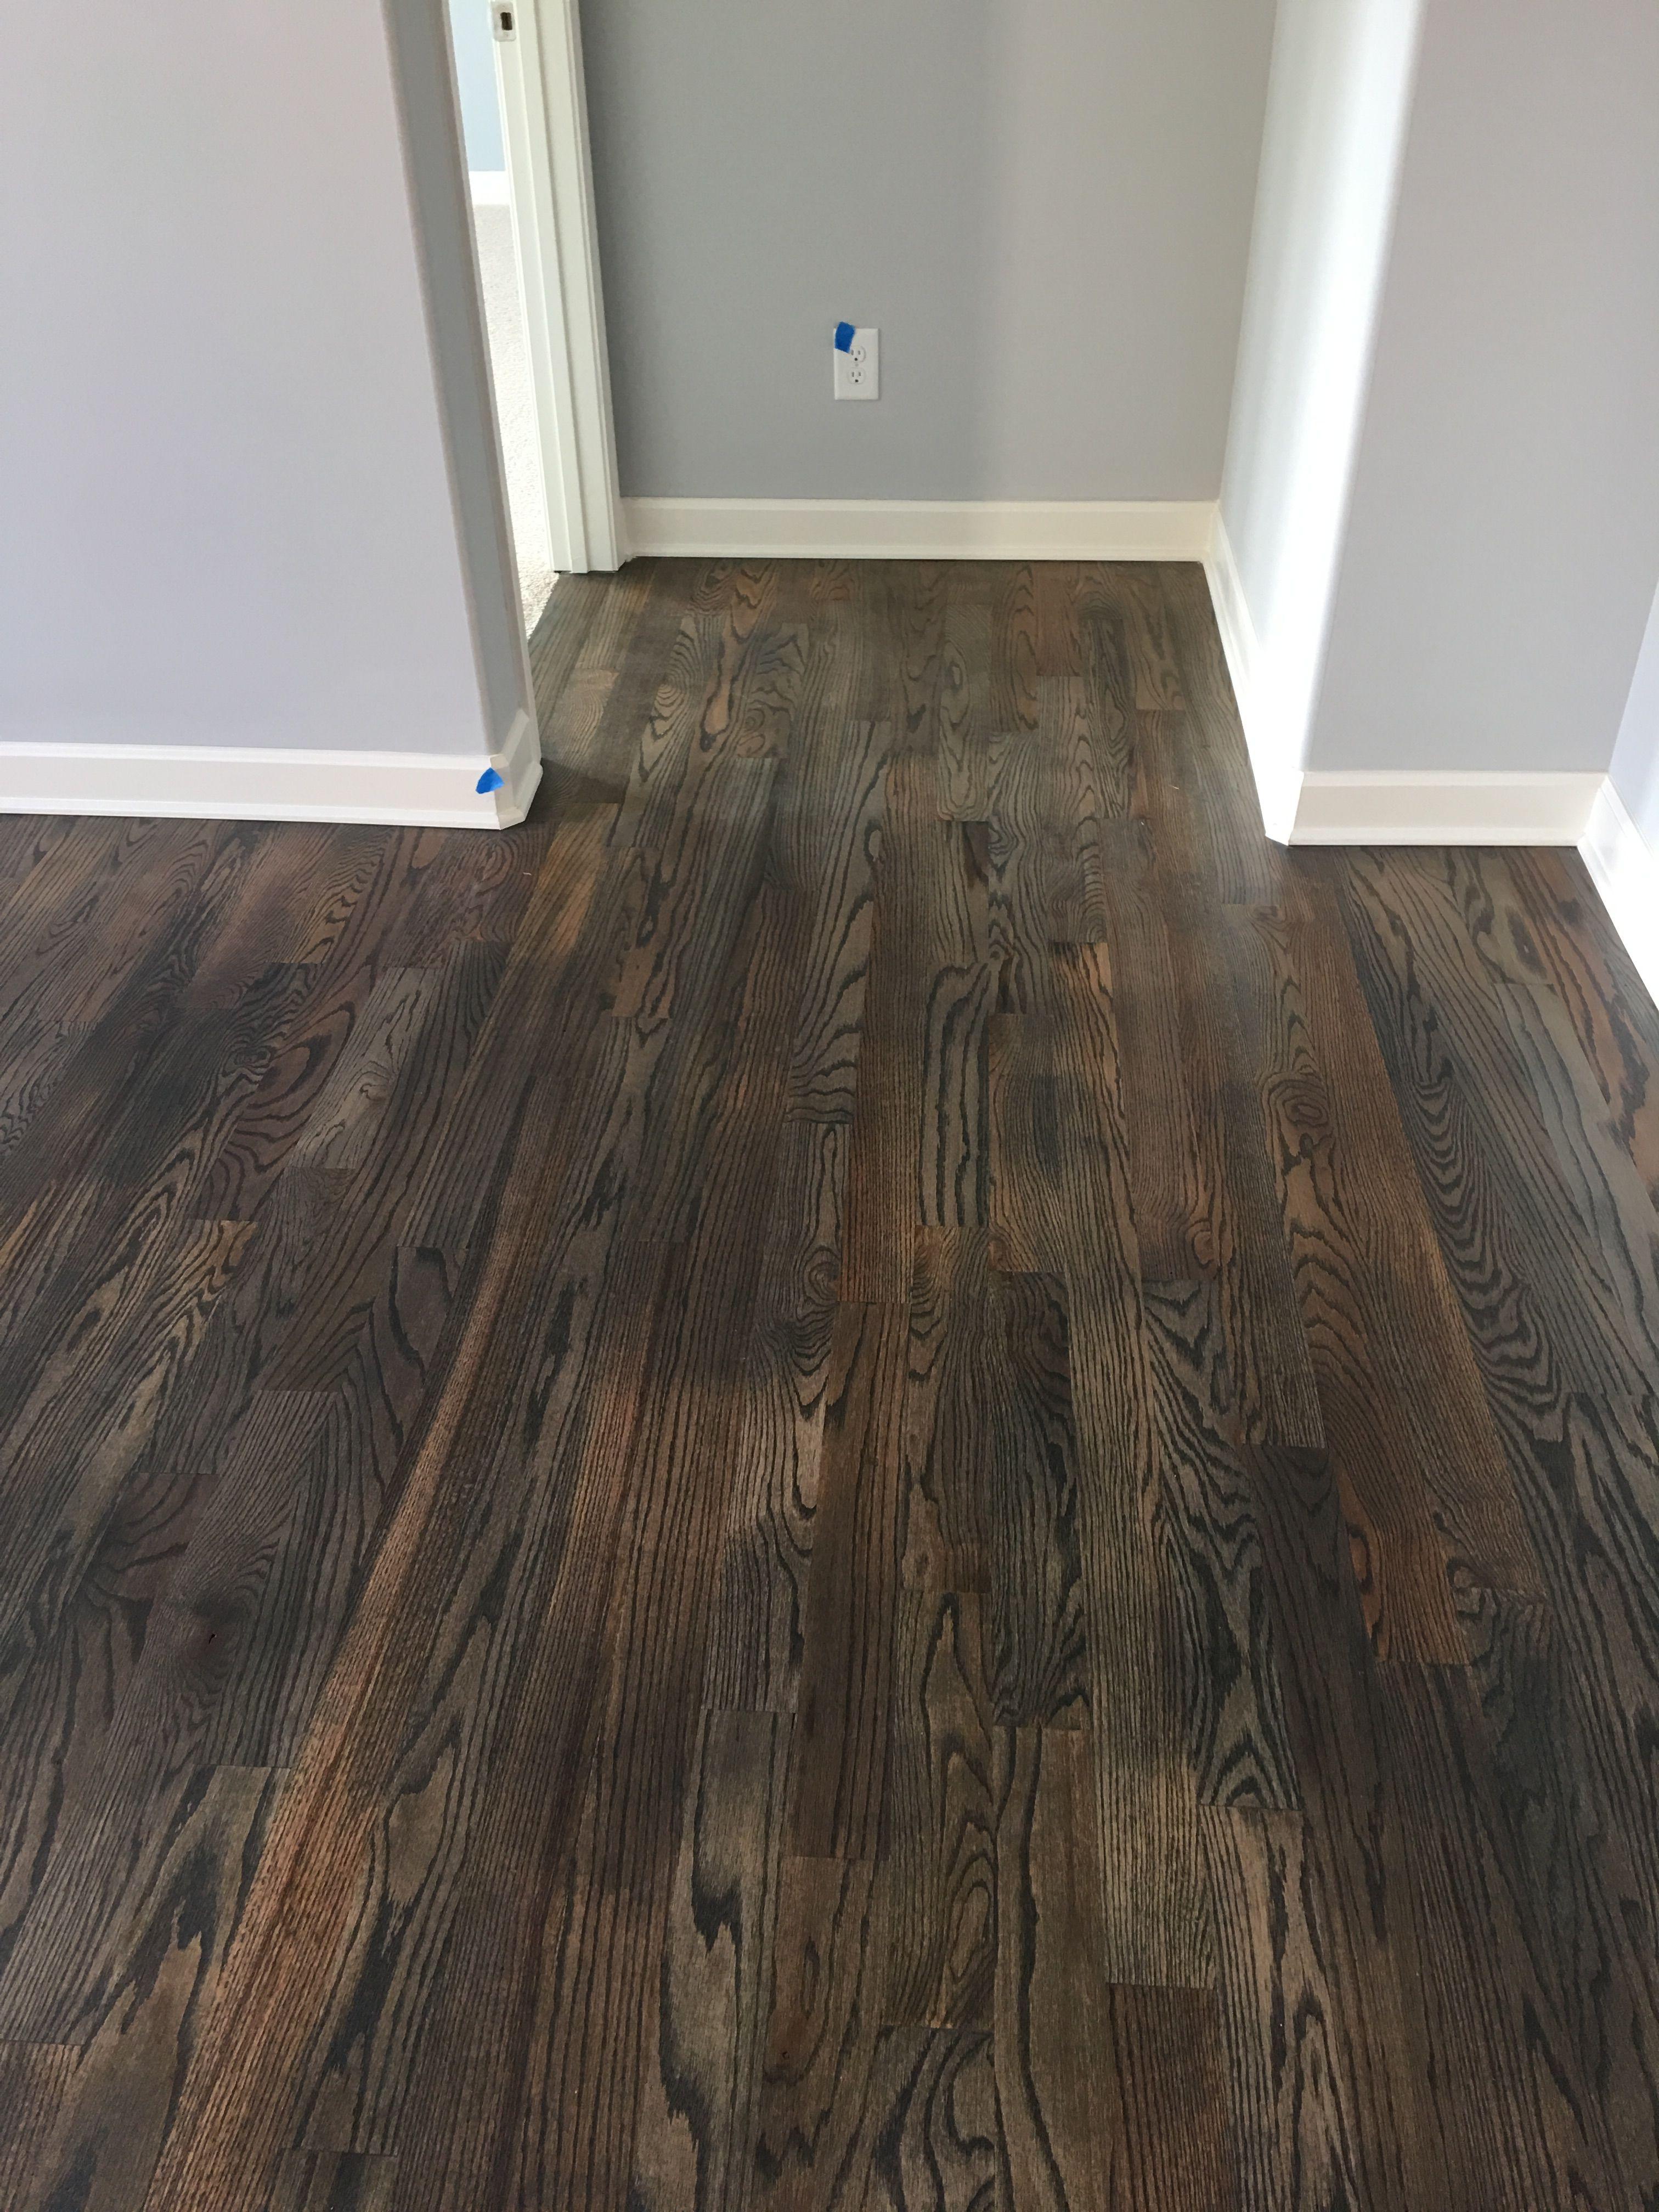 Bona Stain in Driftwood on white oak hardwood floors